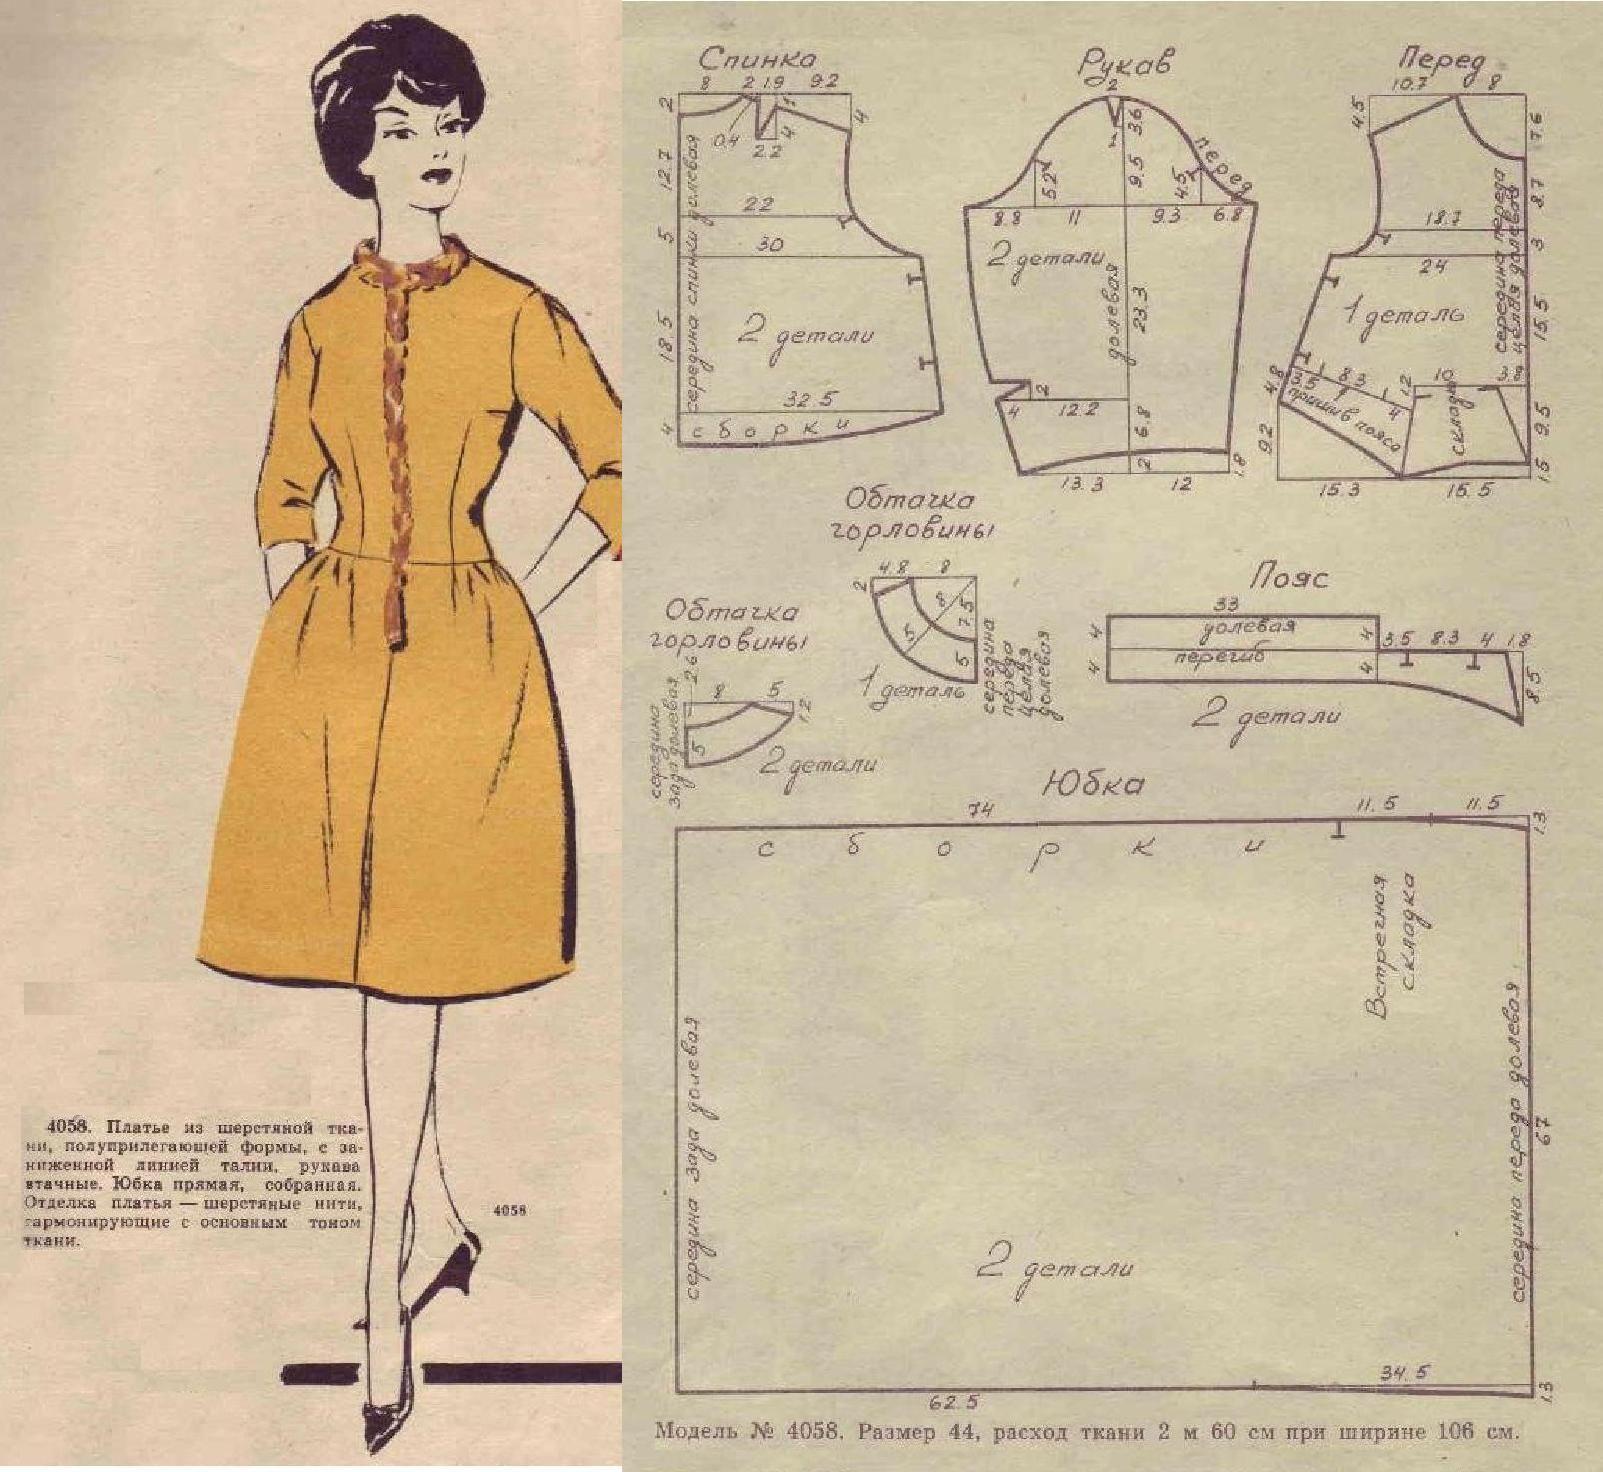 Pin de Andrea urbano en patrón vestidos   Vestidos, Costura y Ropa